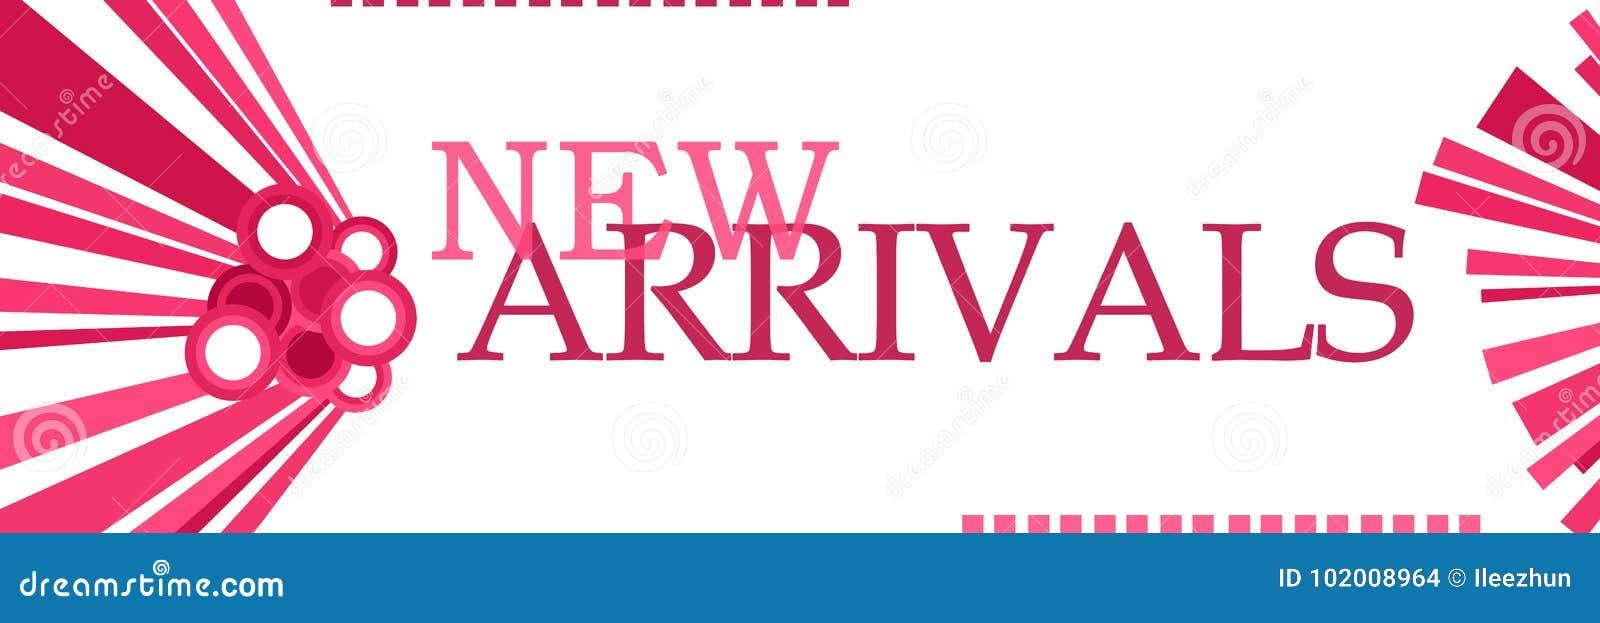 Grafici rosa di nuovi arrivi orizzontali